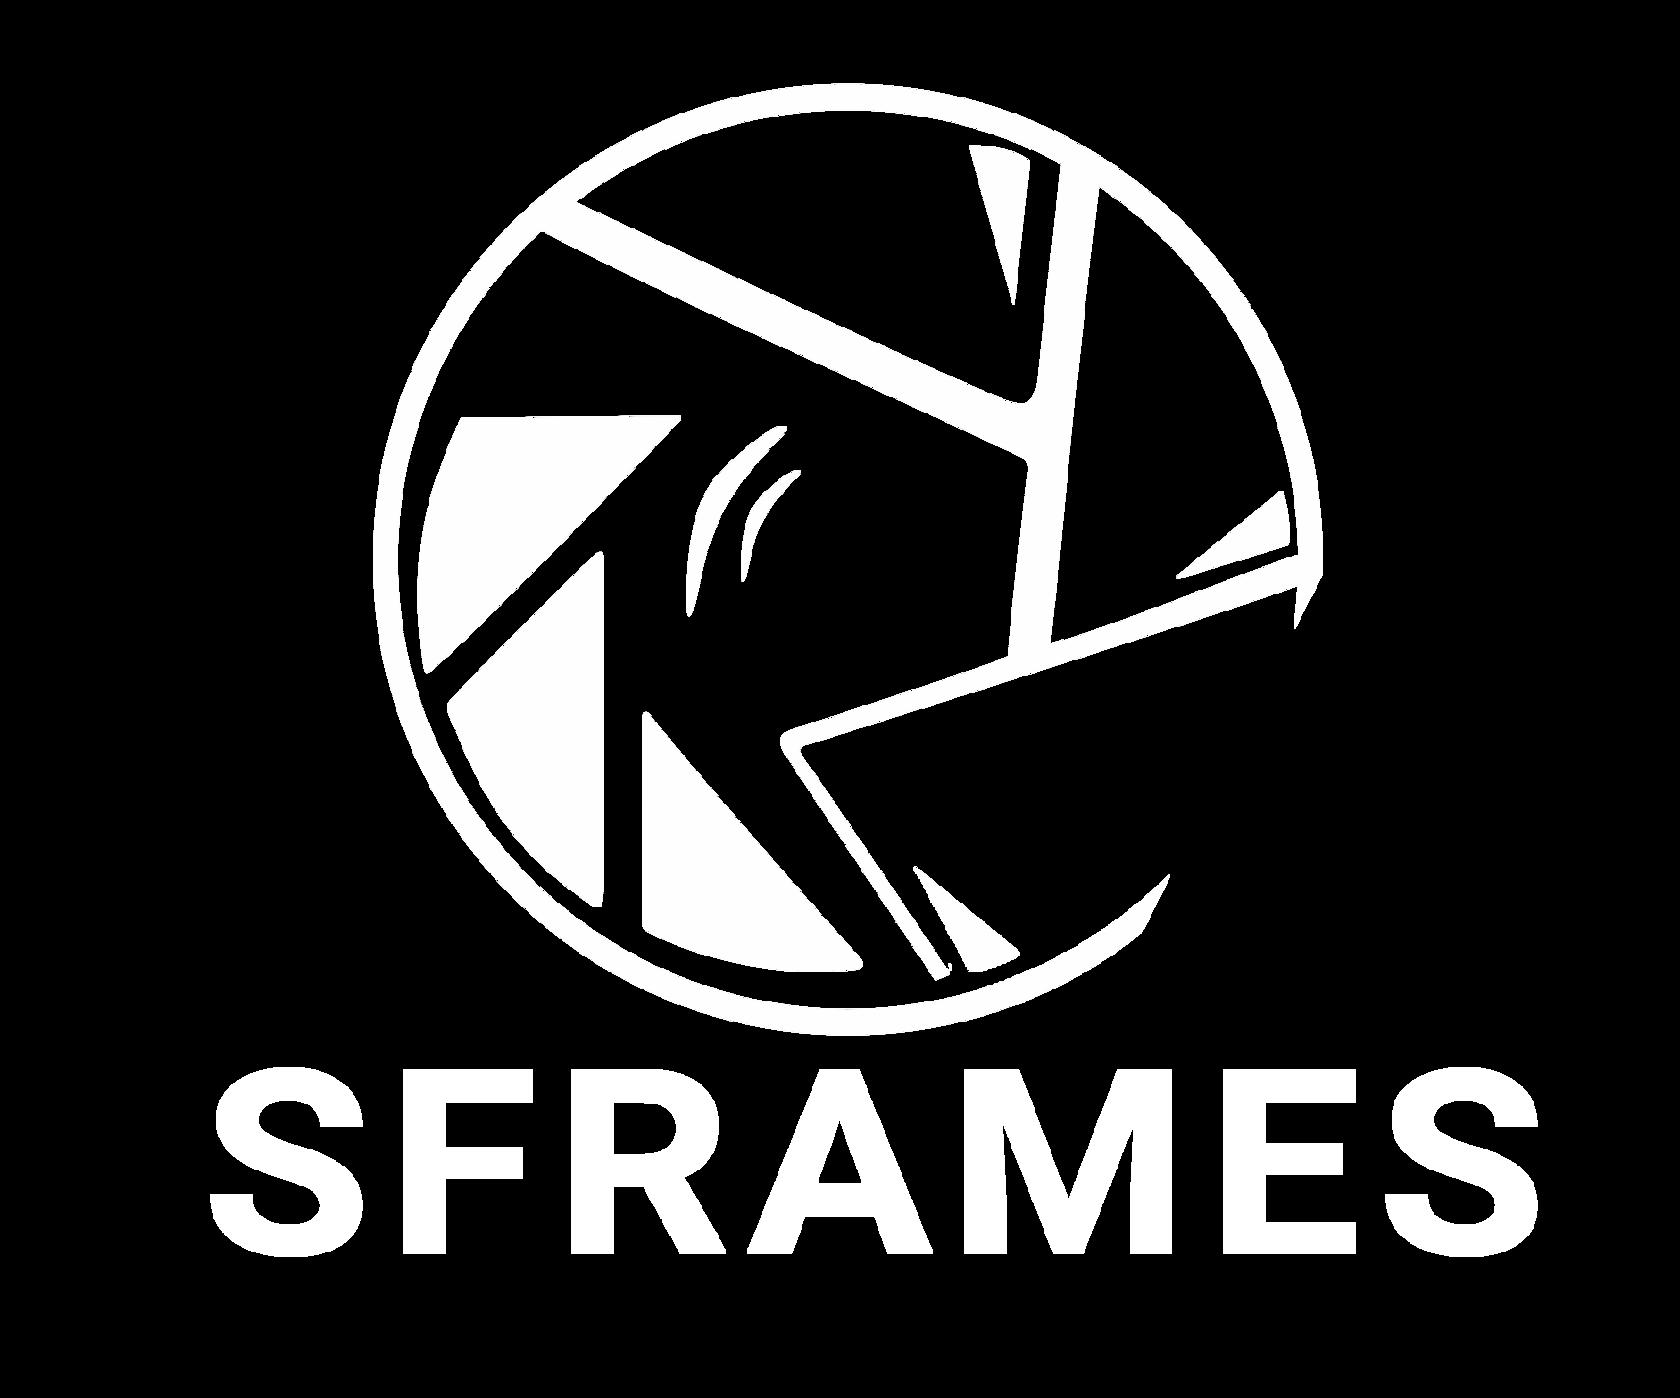 SFRAMES